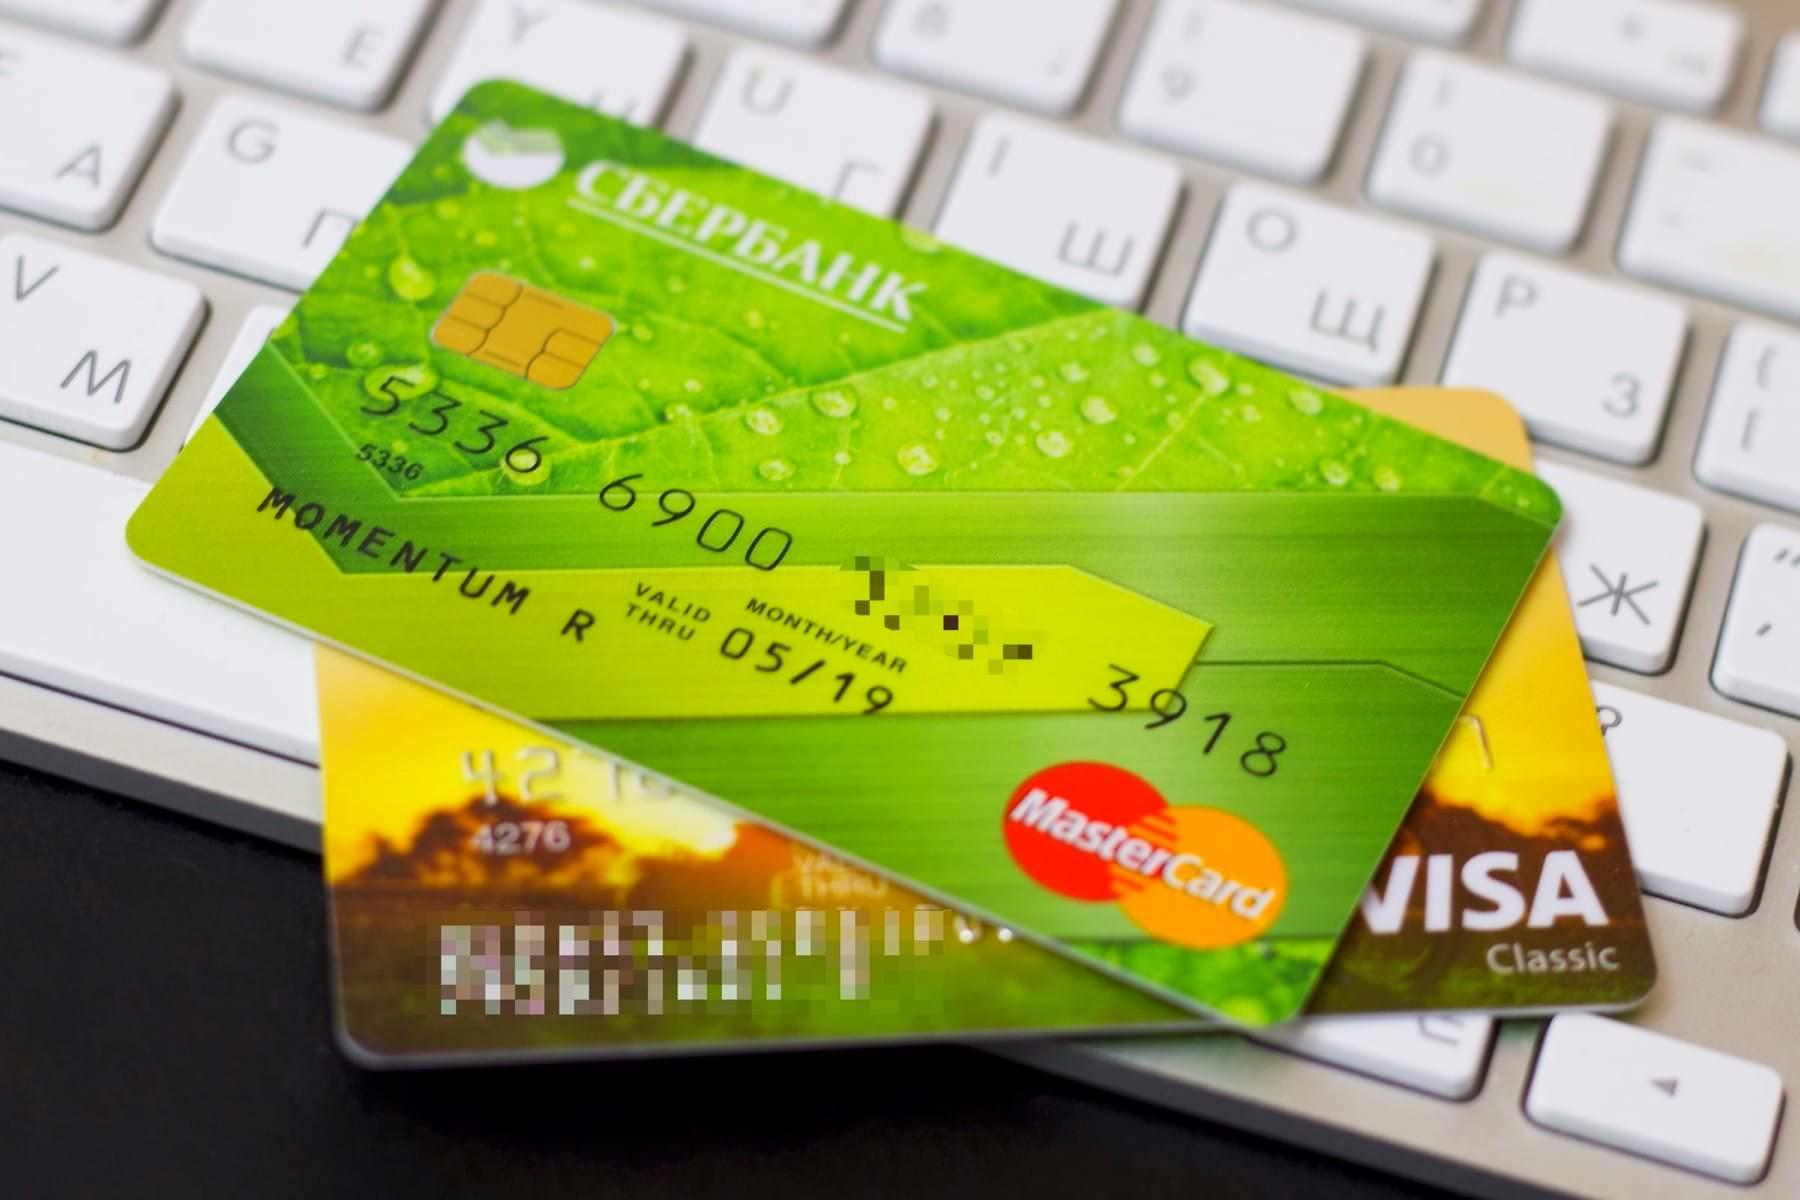 картинки банковских карт сбербанк находится школа, здесь